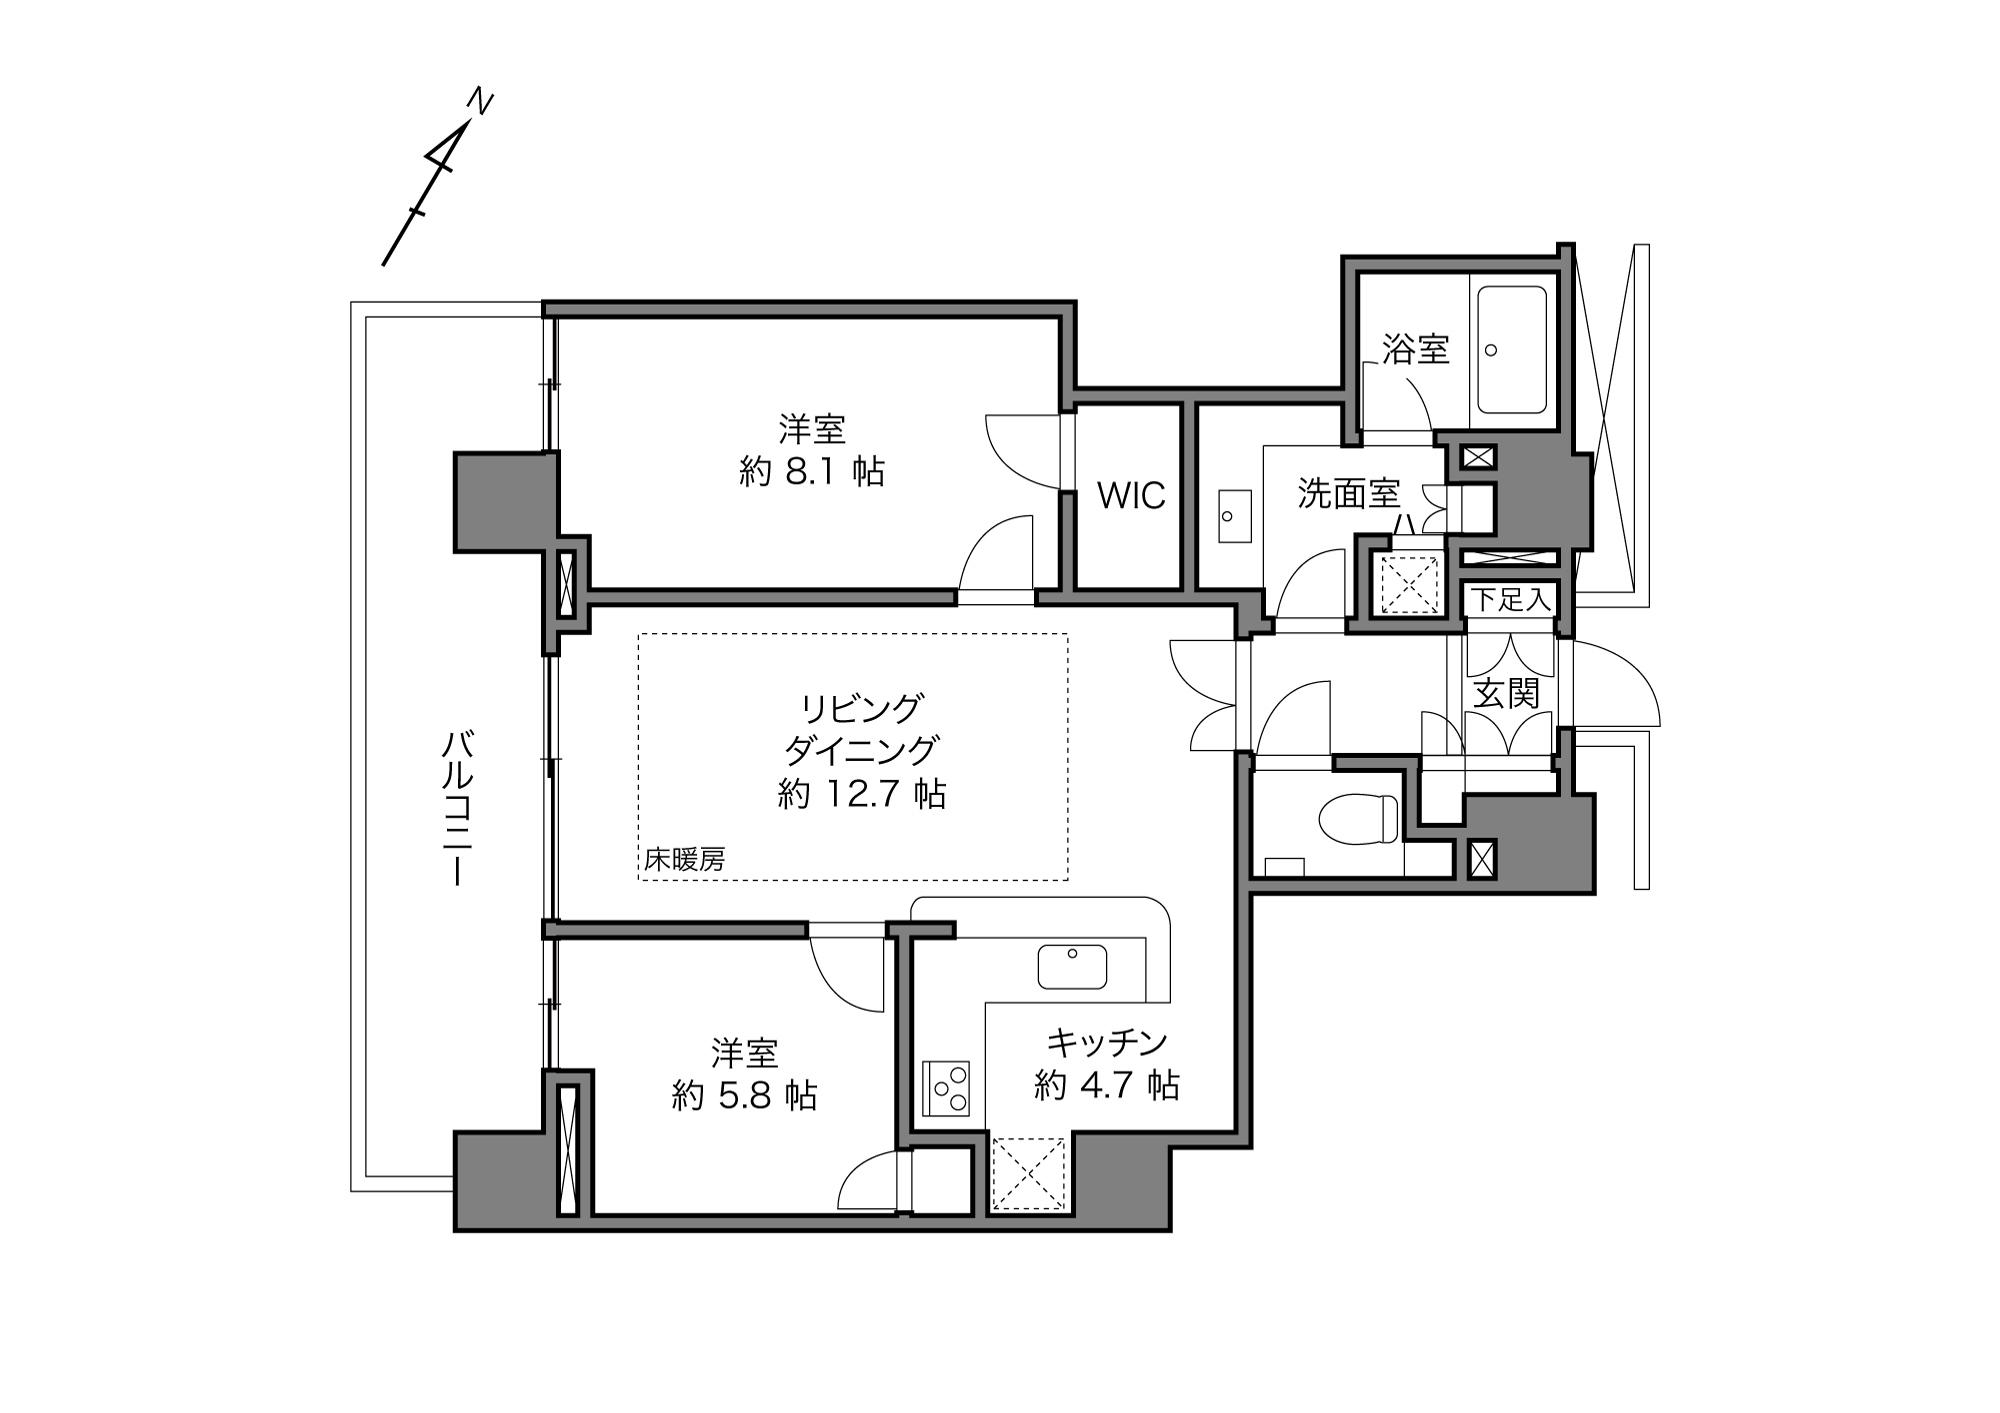 横浜駅 / 2LDK / 71.78㎡